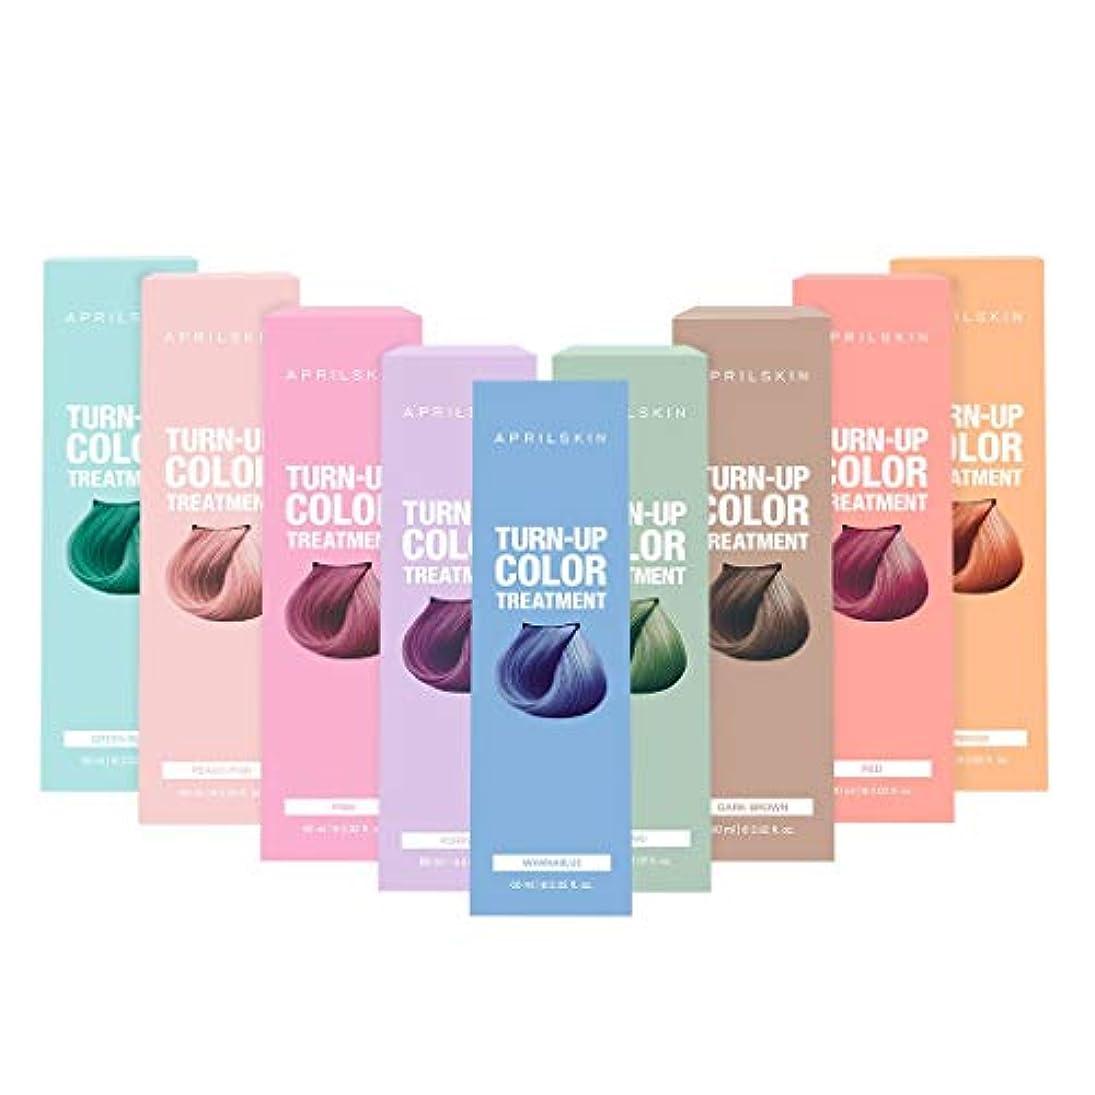 機械的に軽売るApril Skin(エイプリルスキン) ターンアップカラー トリートメント/Turn up Color Treatment 60ml Red(レッド)/K-Beauty